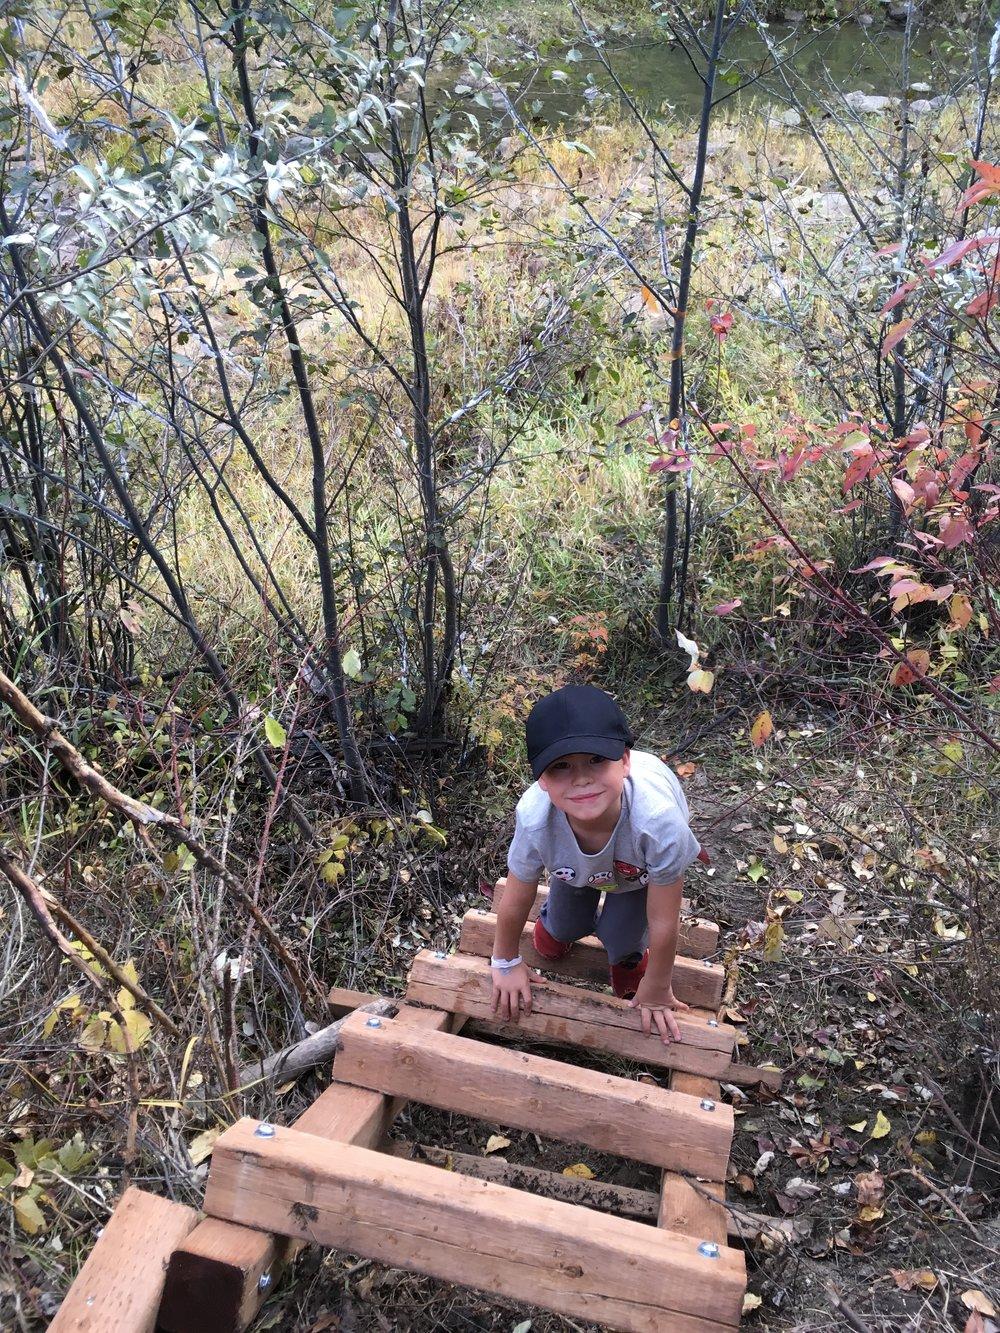 Family member of Ethel Coates testing the new ladder